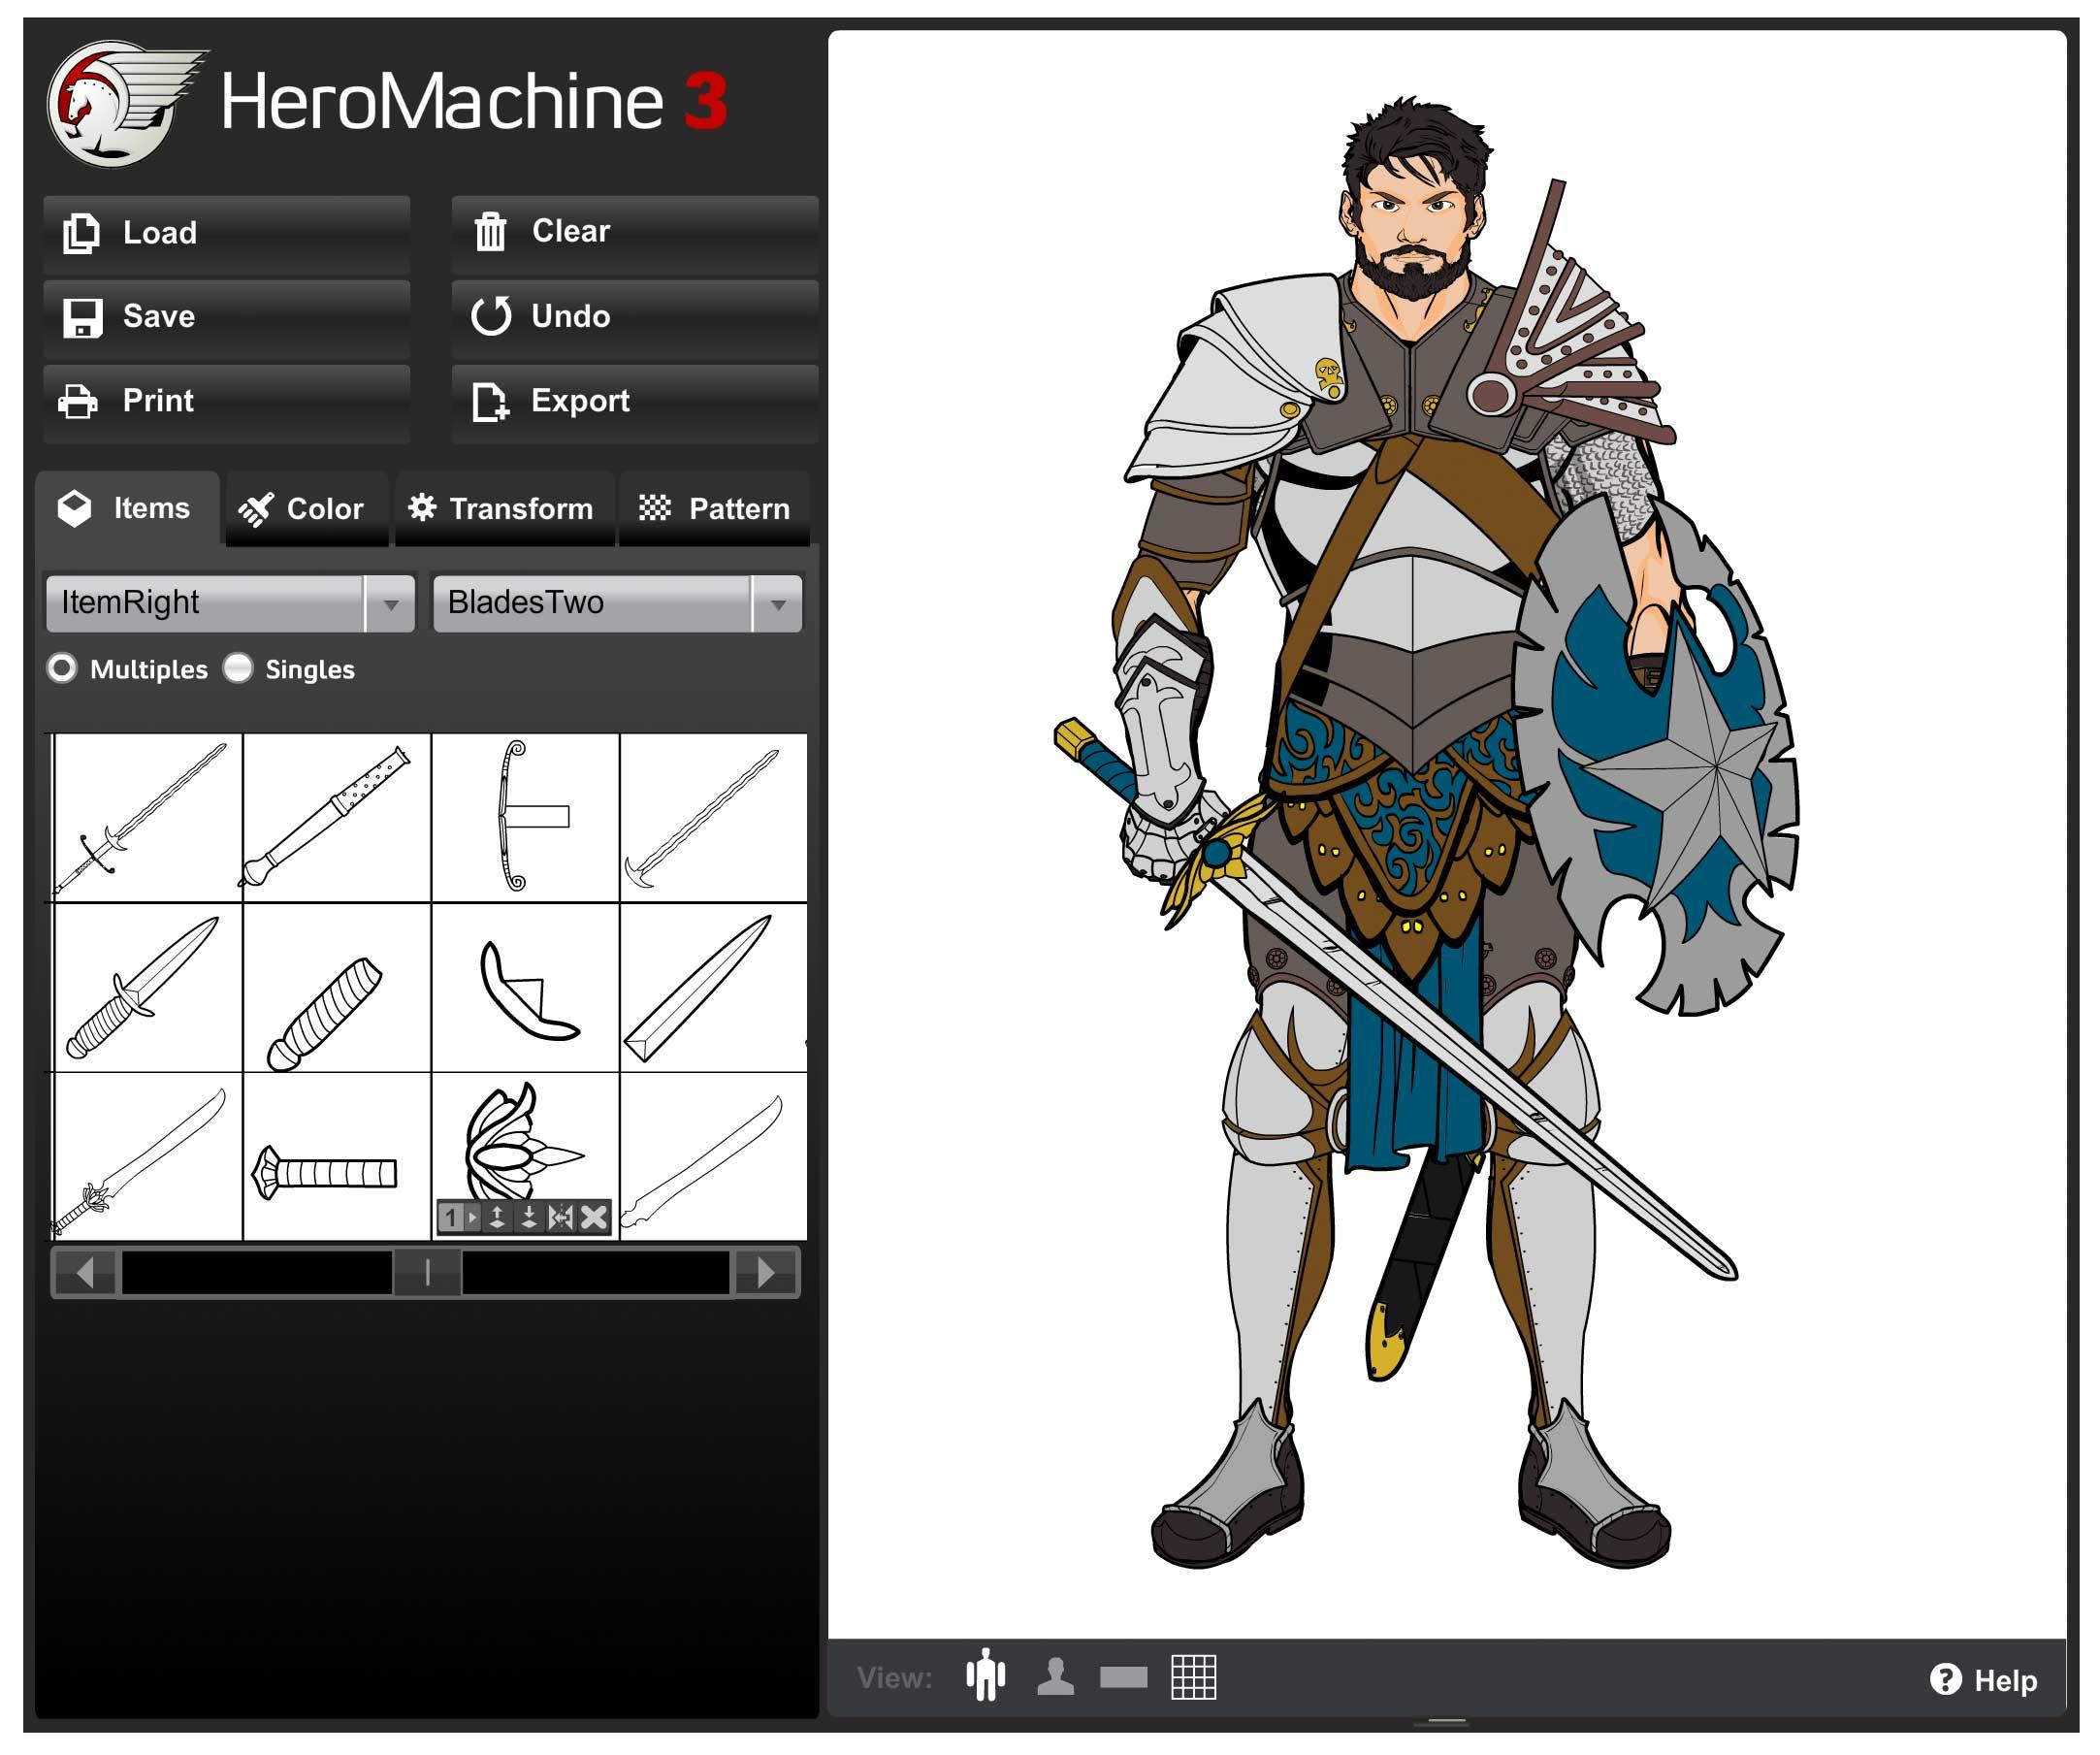 heromachine 3 per gioco di ruolo